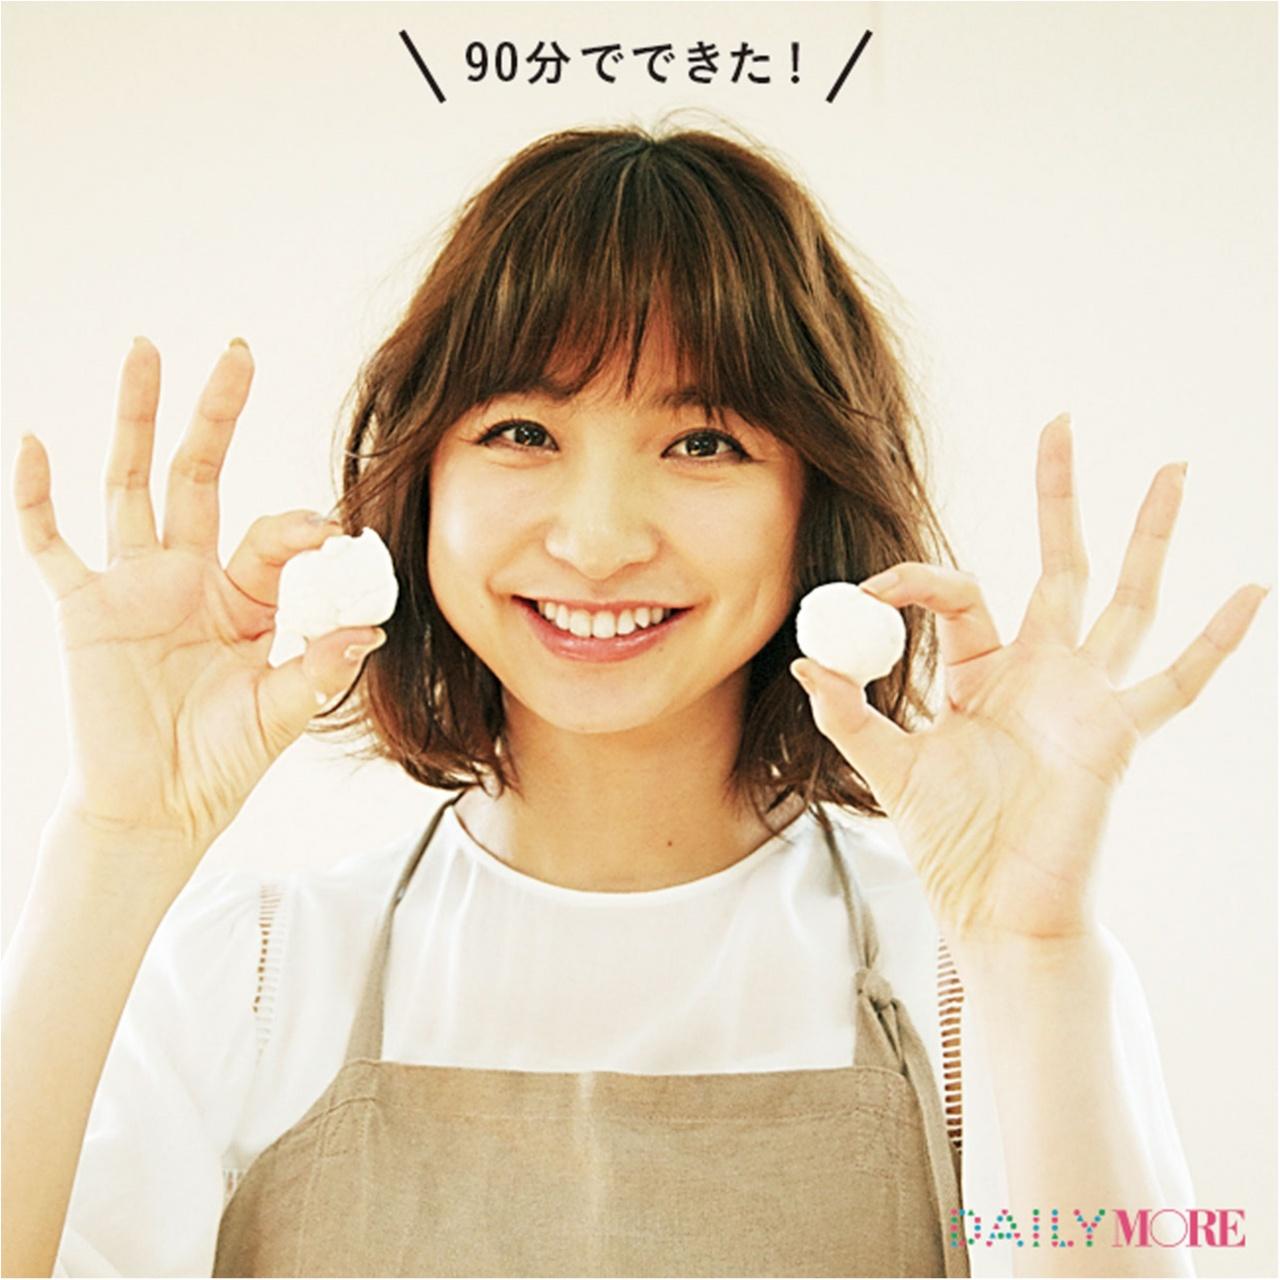 篠田麻里子が体験♡ 話題の「簡単モッツァレラチーズ作り体験」に行こう!【麻里子のナライゴトハジメ】_2_4